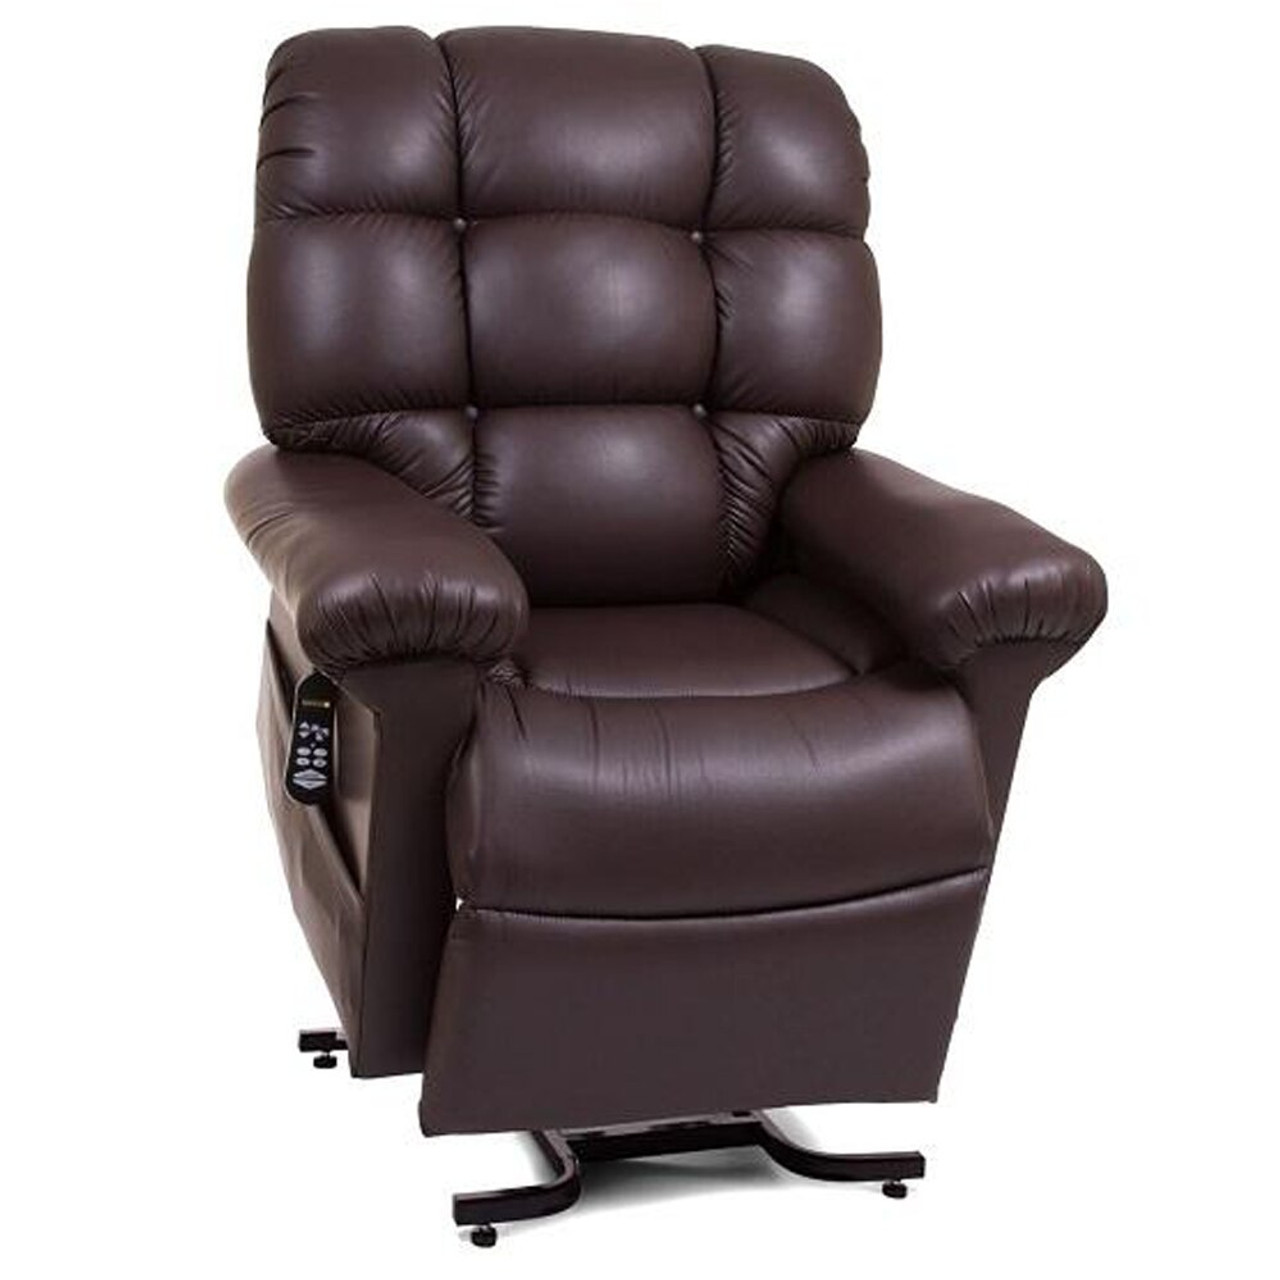 PR-510 Cloud Lift Chair by Golden Technologies